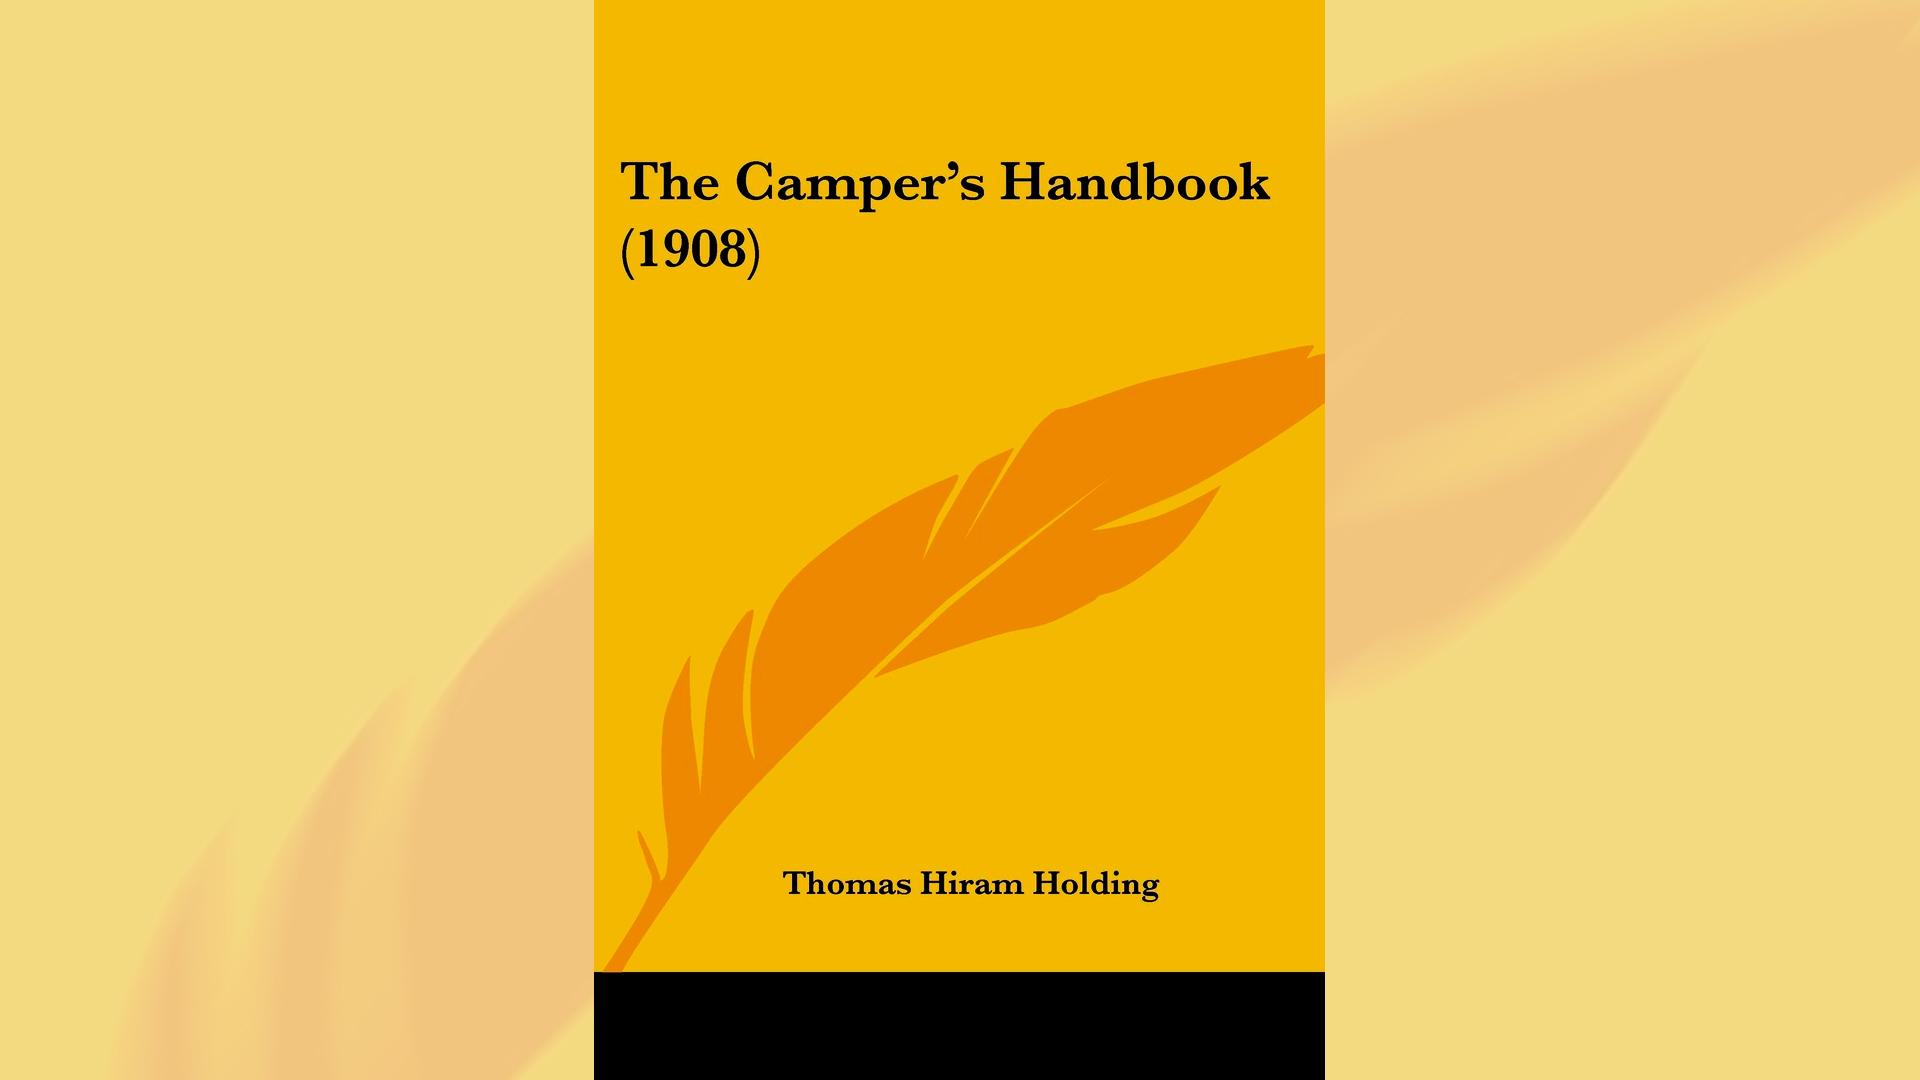 Imagem da capa do livro The Camper's Handbook, do Autor Thomas Hiram Holding